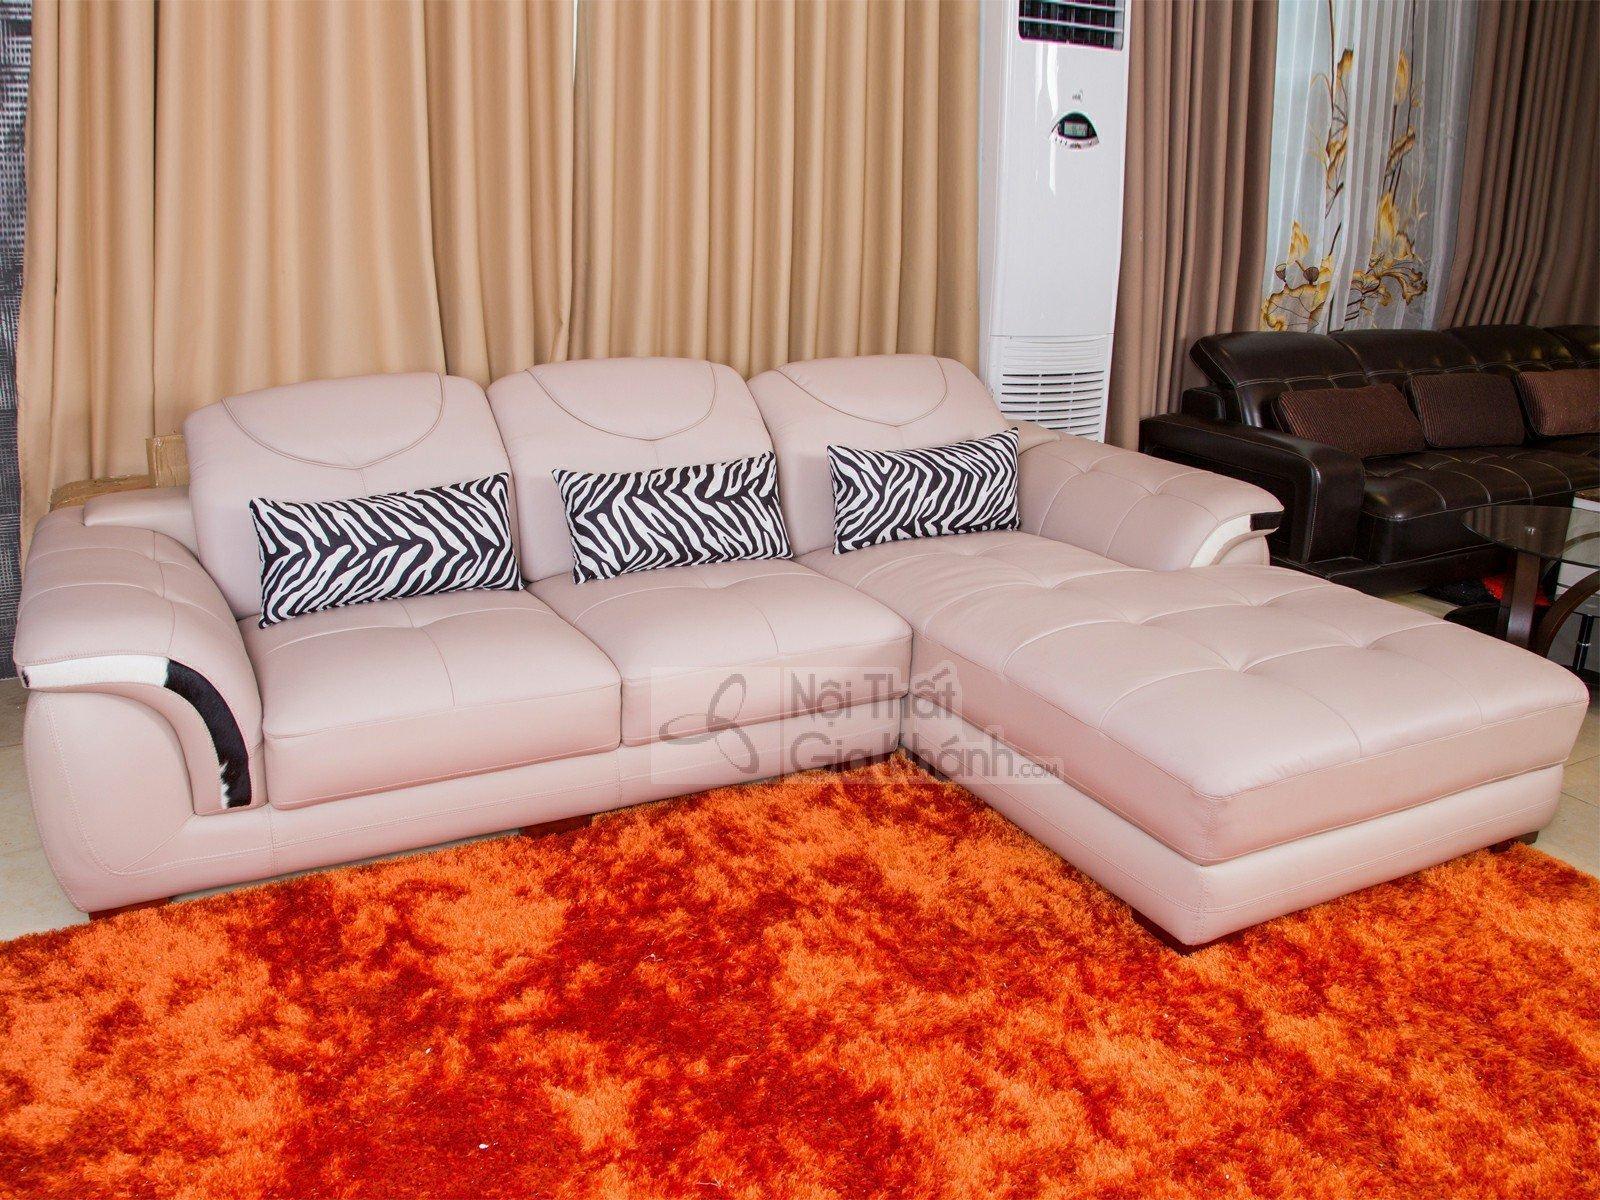 Sofa tối giản - Phong cách sofa Minimalism đang làm bá chủ thế giới! - 919k sf 2 bang goc trai